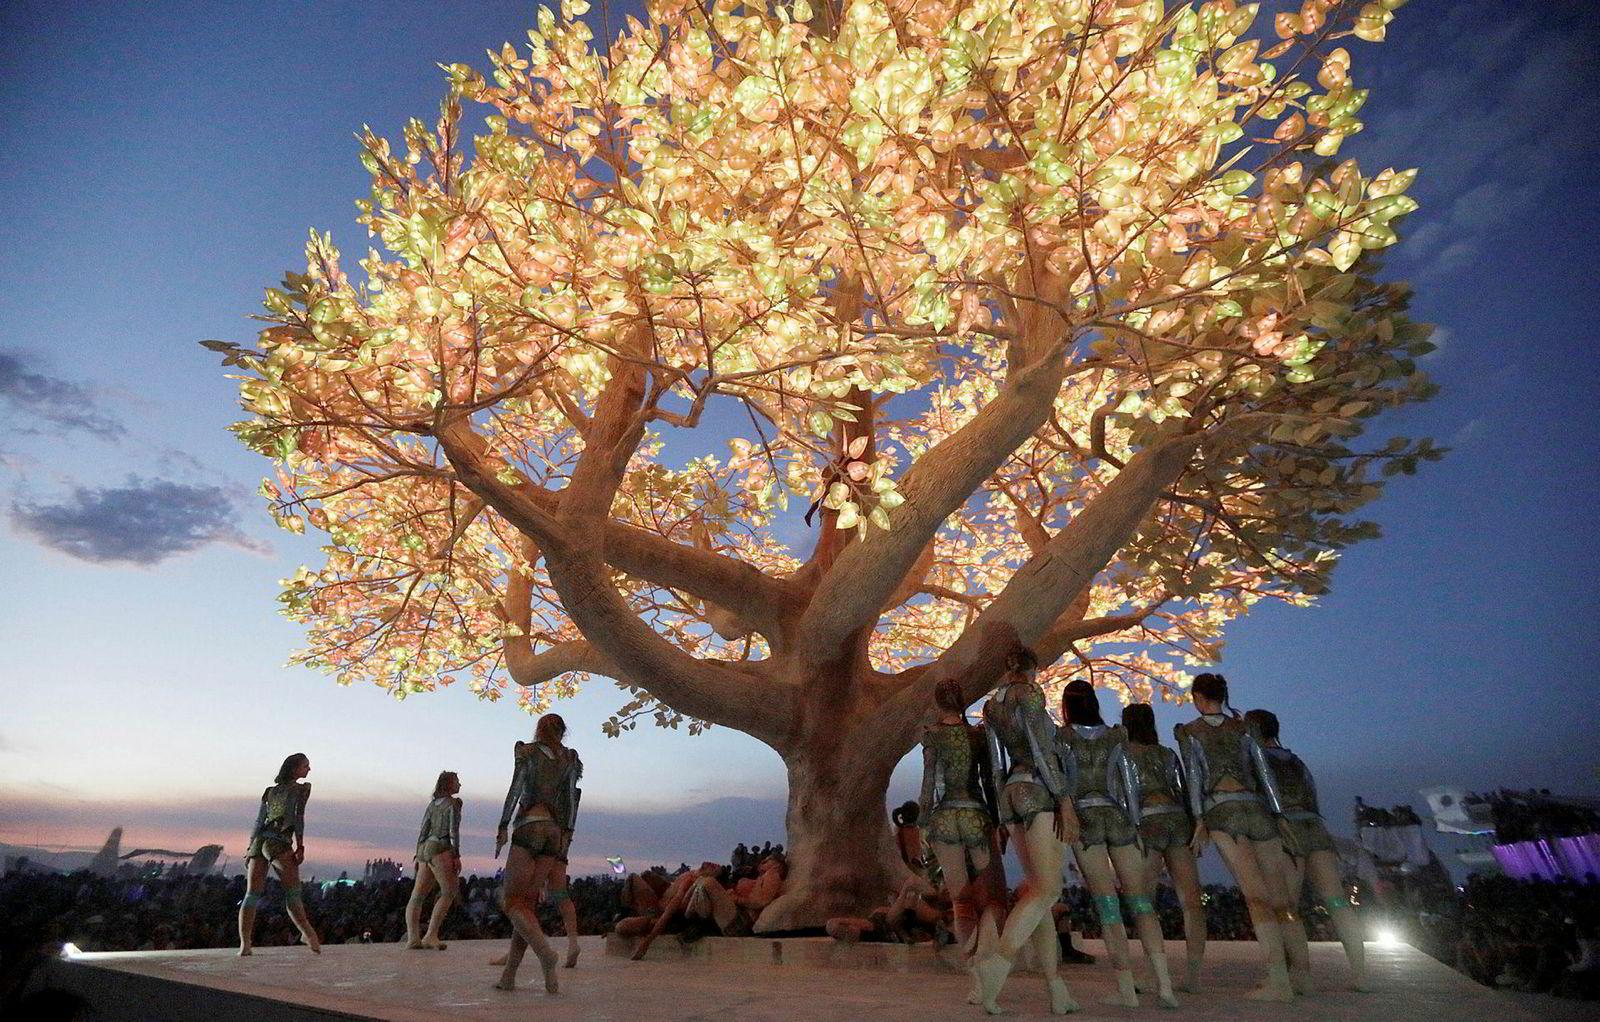 Slik fremsto treet under Burning Man-festivalen 2017, der det var en av de store kunstinstallasjonene.